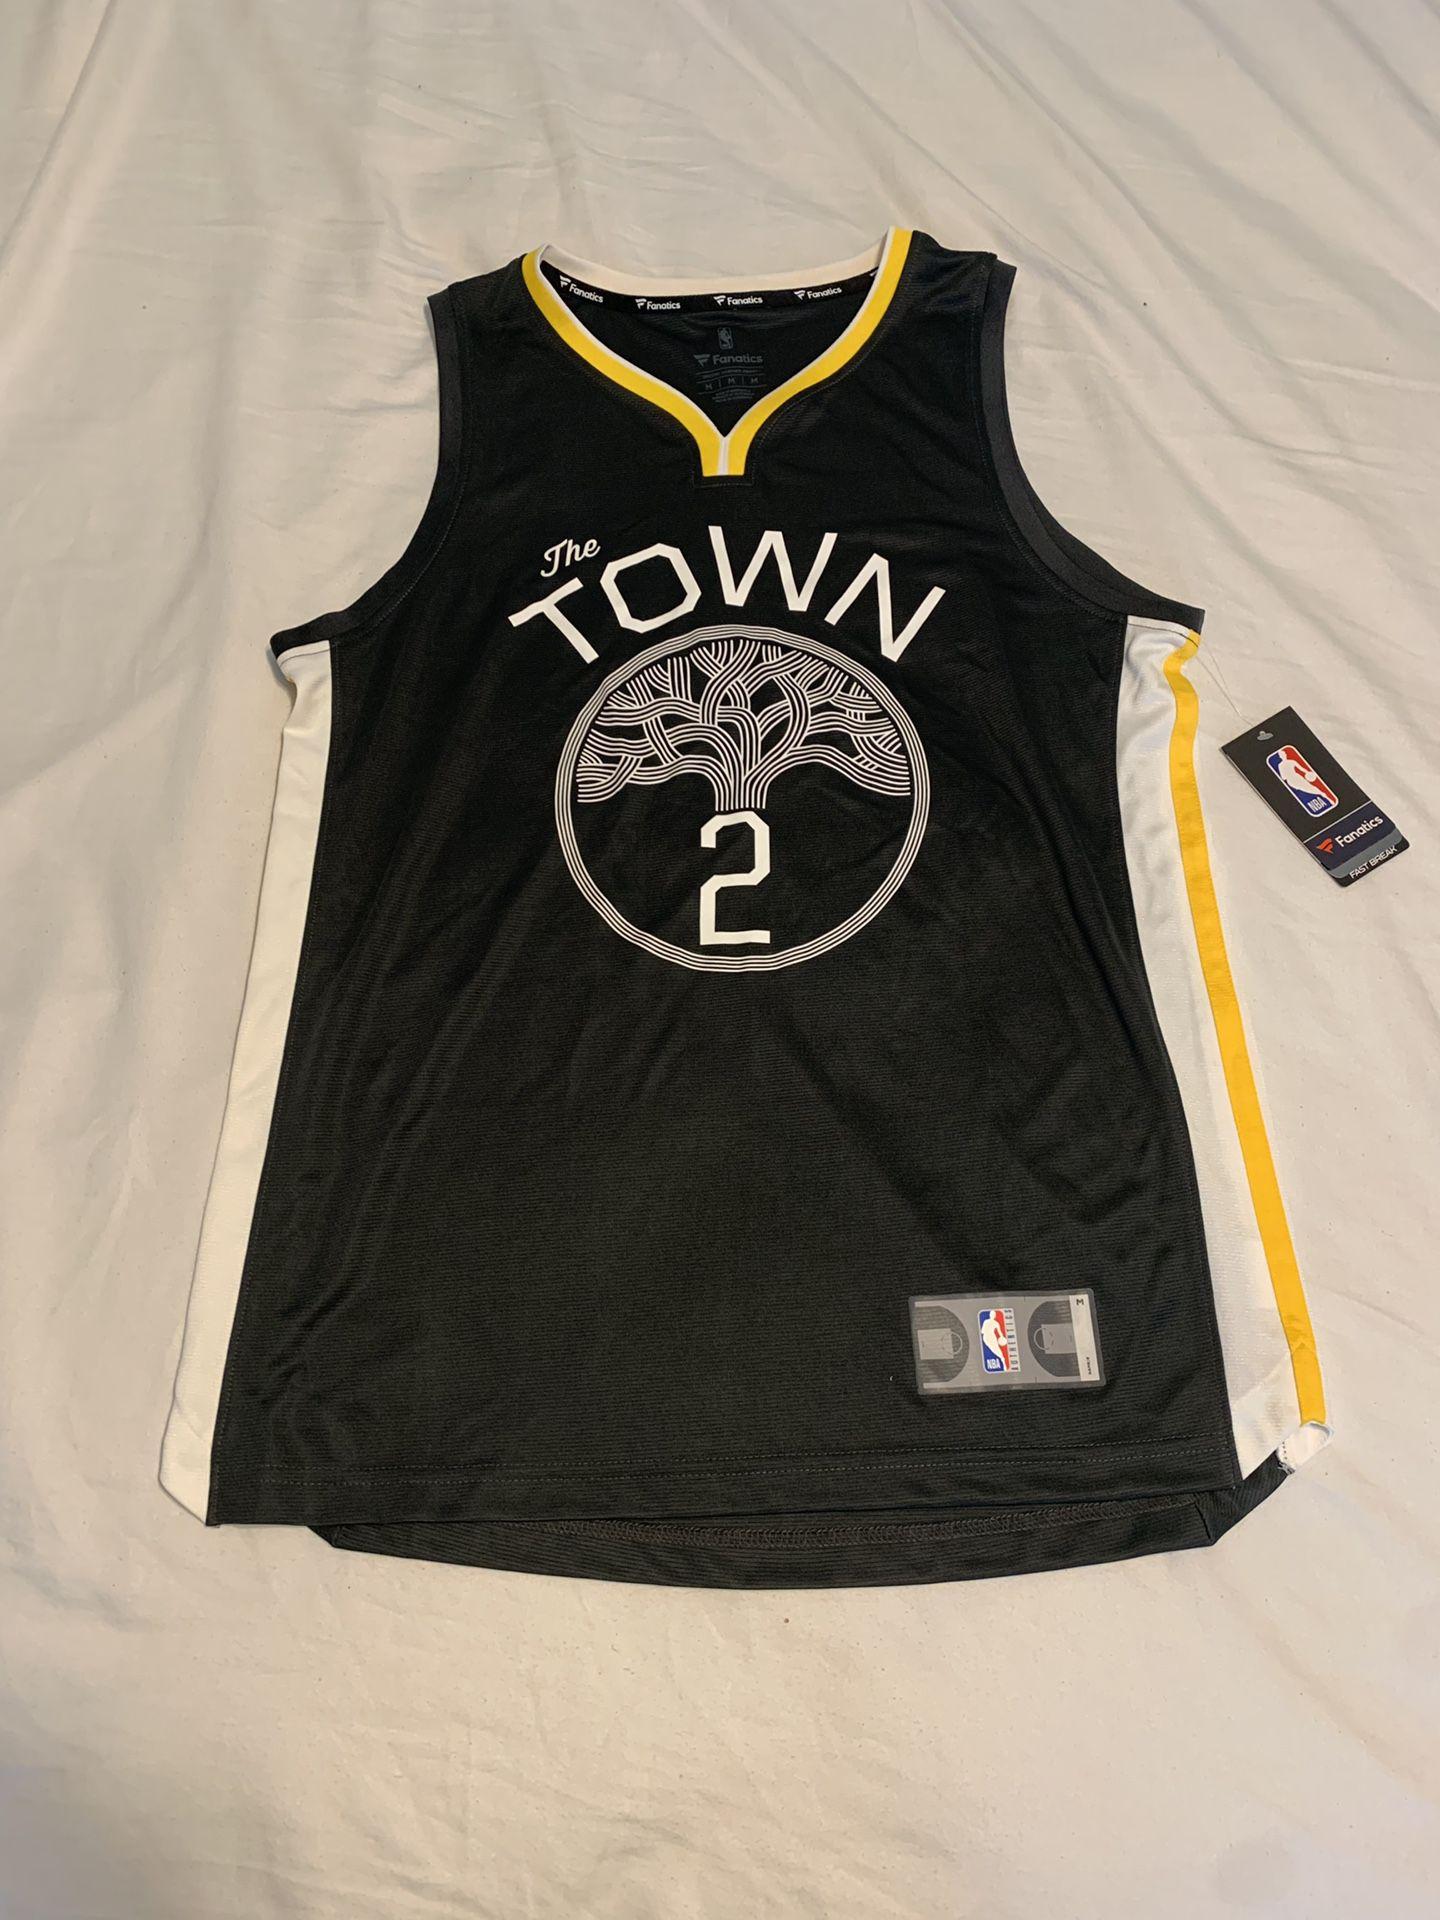 Jordan Bell Golden State Warriors Jersey